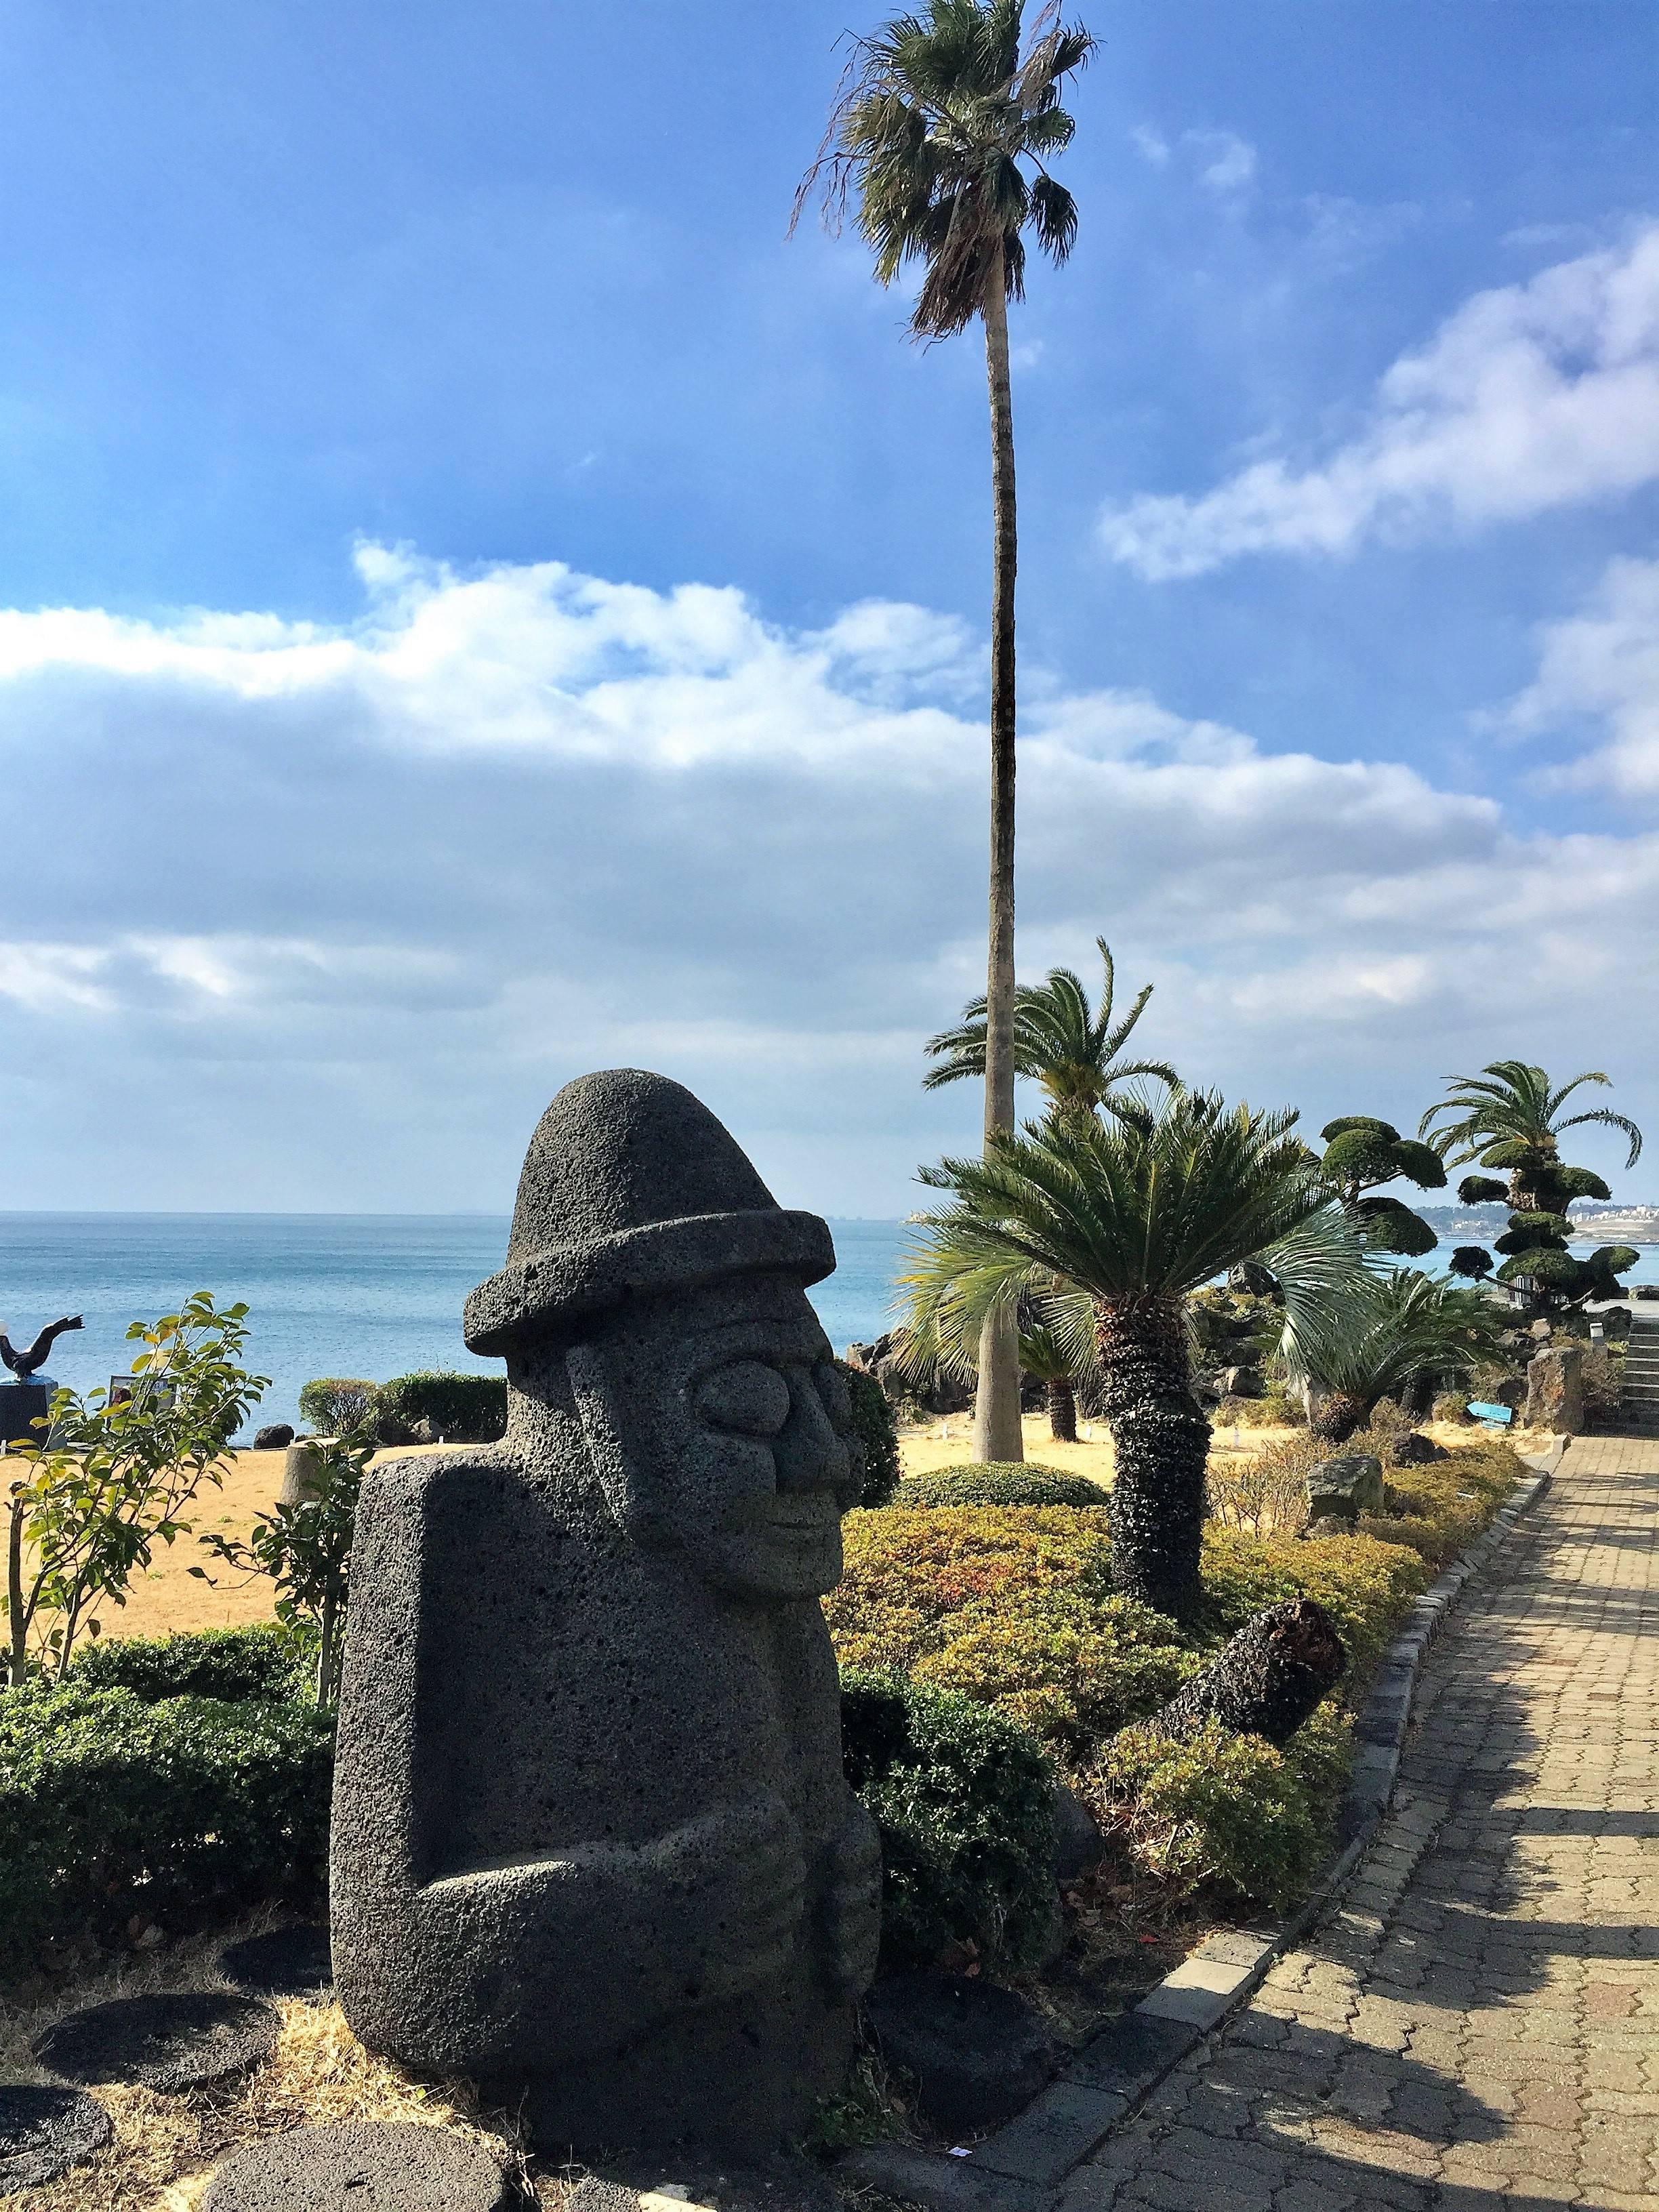 Photo 2: Jeju, l'ile des sirénes